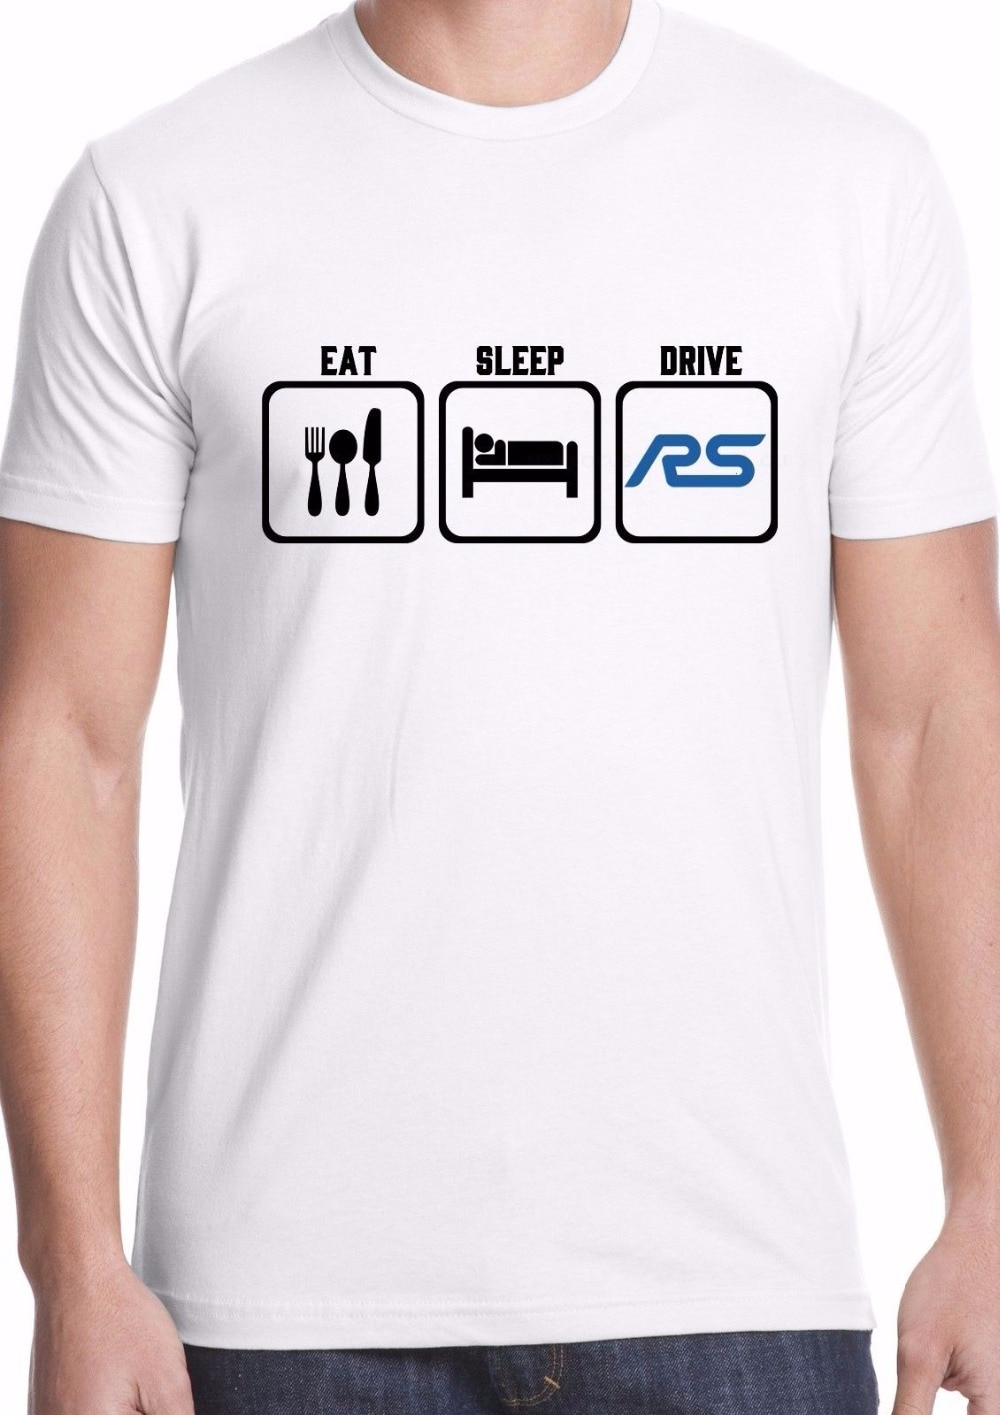 ¡Novedad de 2019! Camiseta de manga corta con estampado de letras para hombre, camiseta RS Focus Car Hot Hatch Eat Sleep Drive Ken Block RX Drift, camiseta